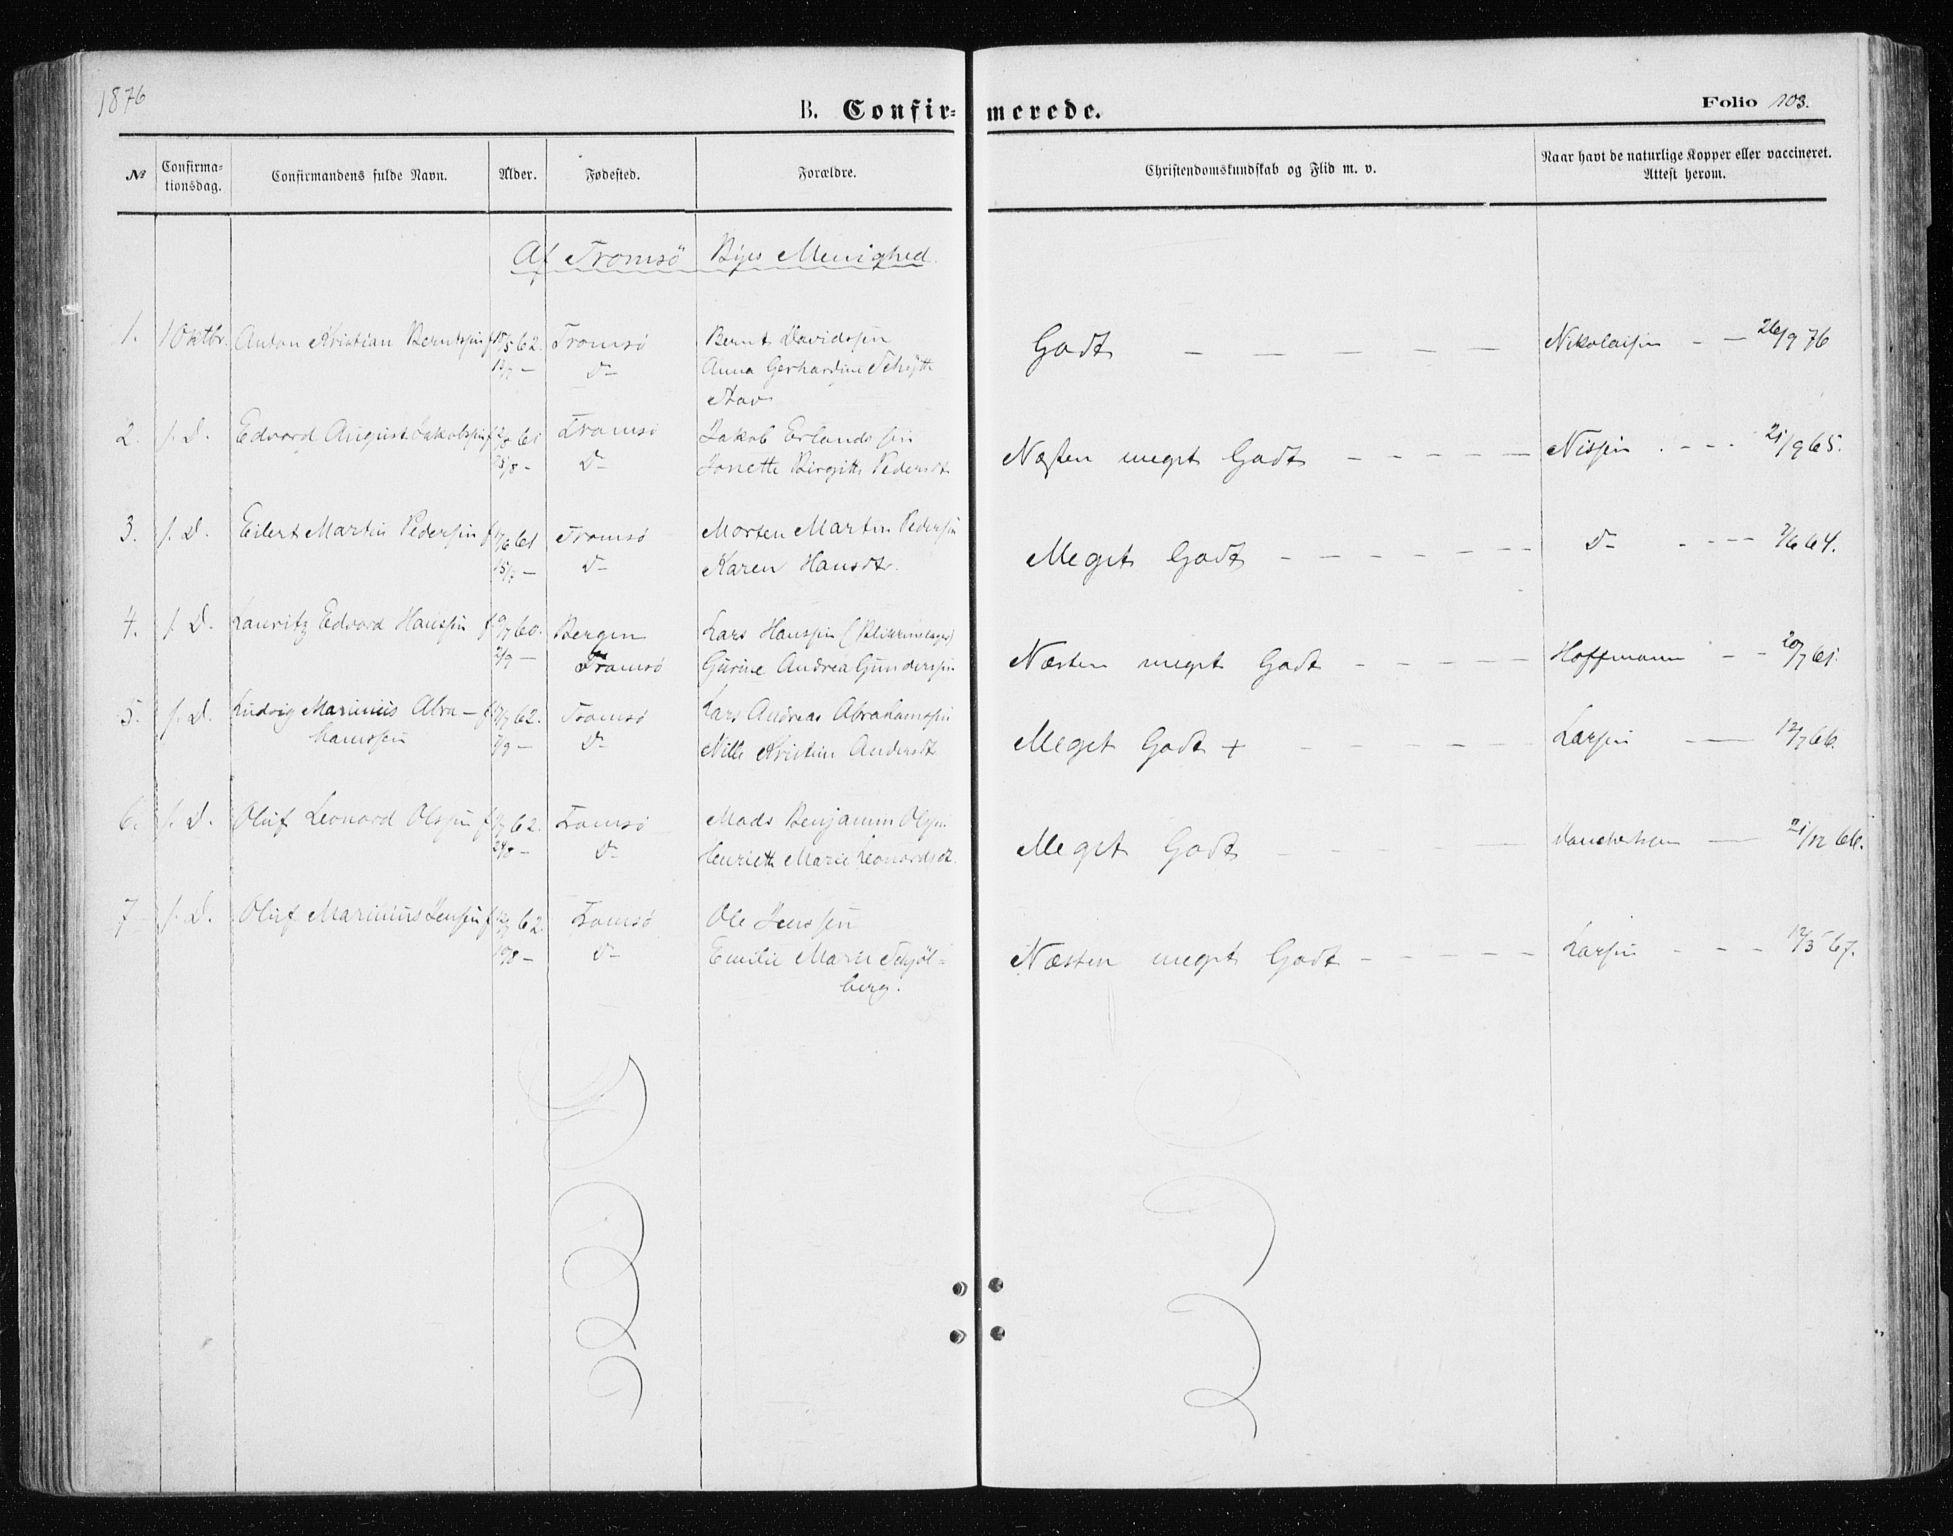 SATØ, Tromsøysund sokneprestkontor, G/Ga/L0003kirke: Ministerialbok nr. 3, 1875-1880, s. 103